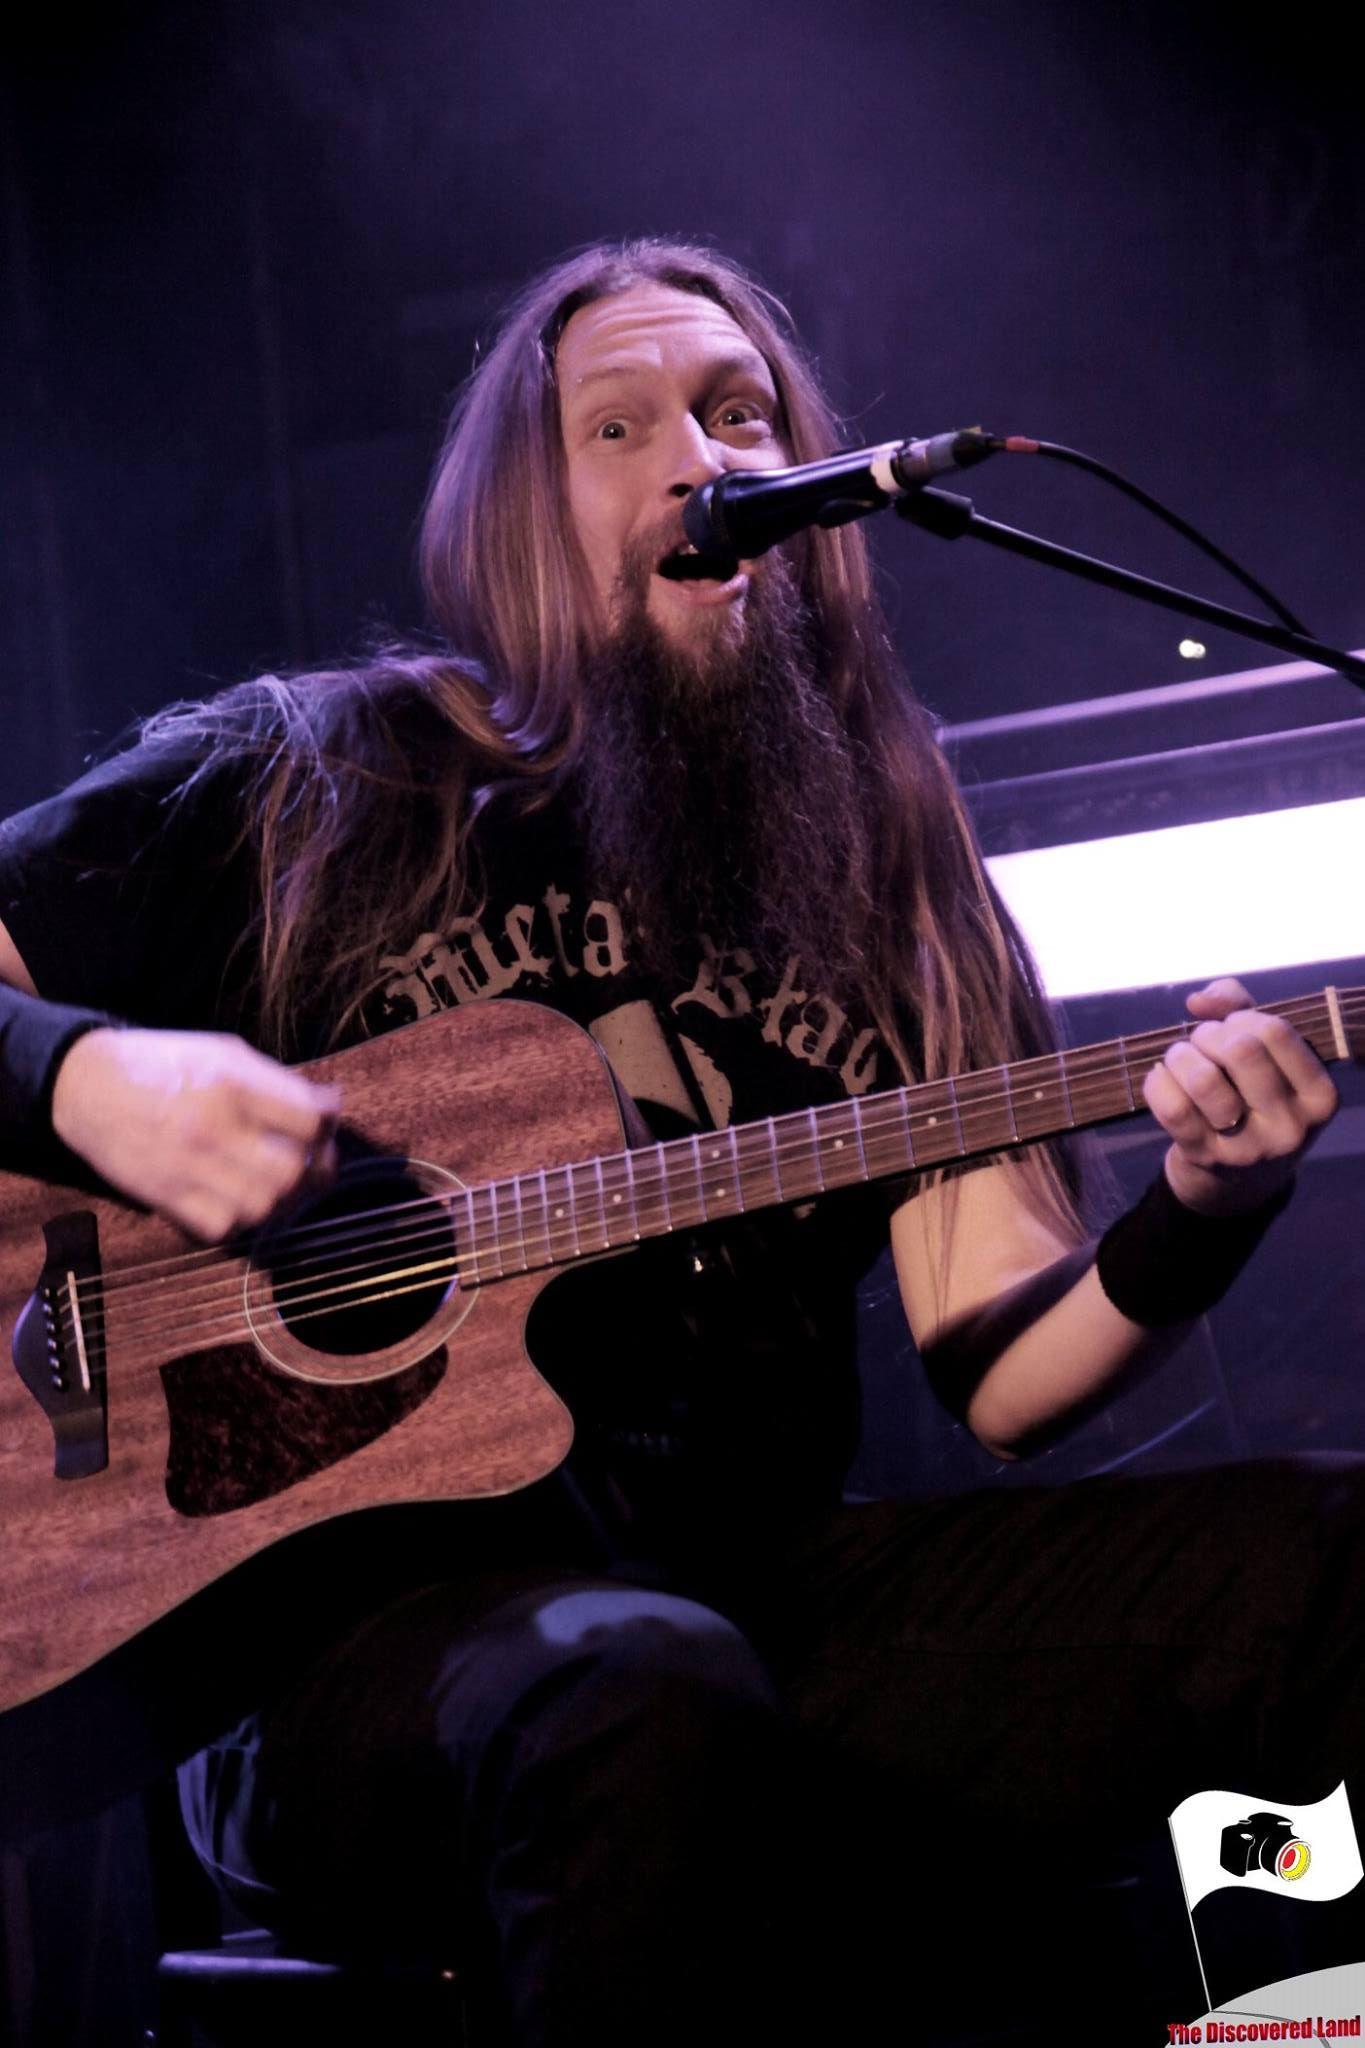 Trio de Facto 04.12.2018 Backstage München